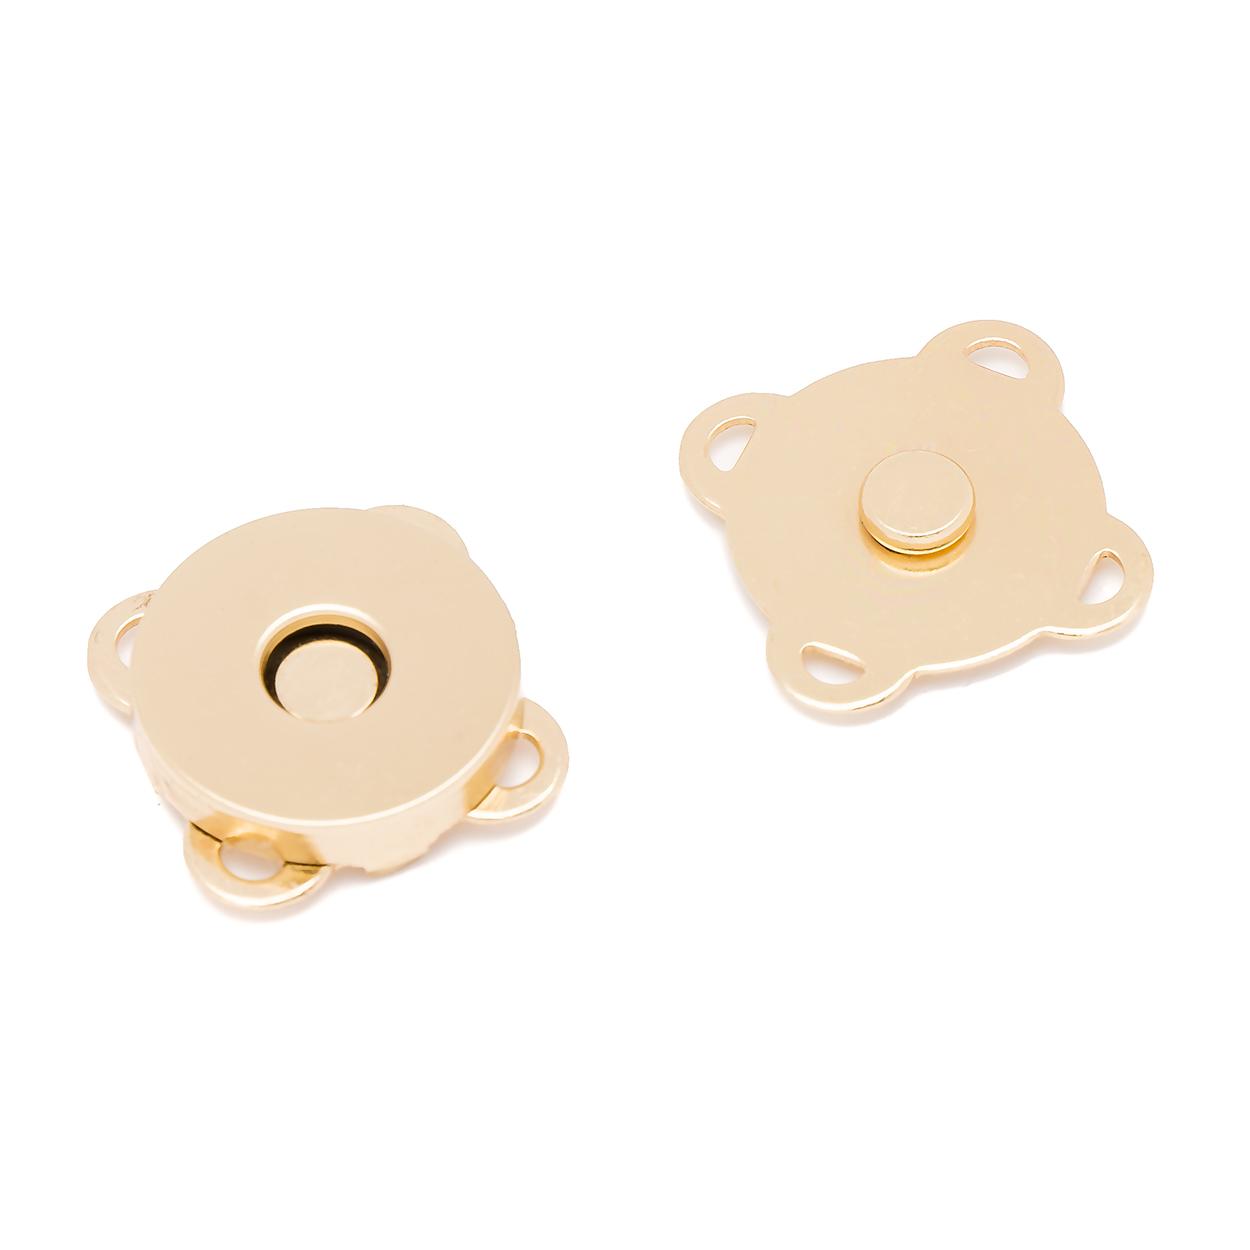 Кнопка магнитная пришивная 18 мм золото